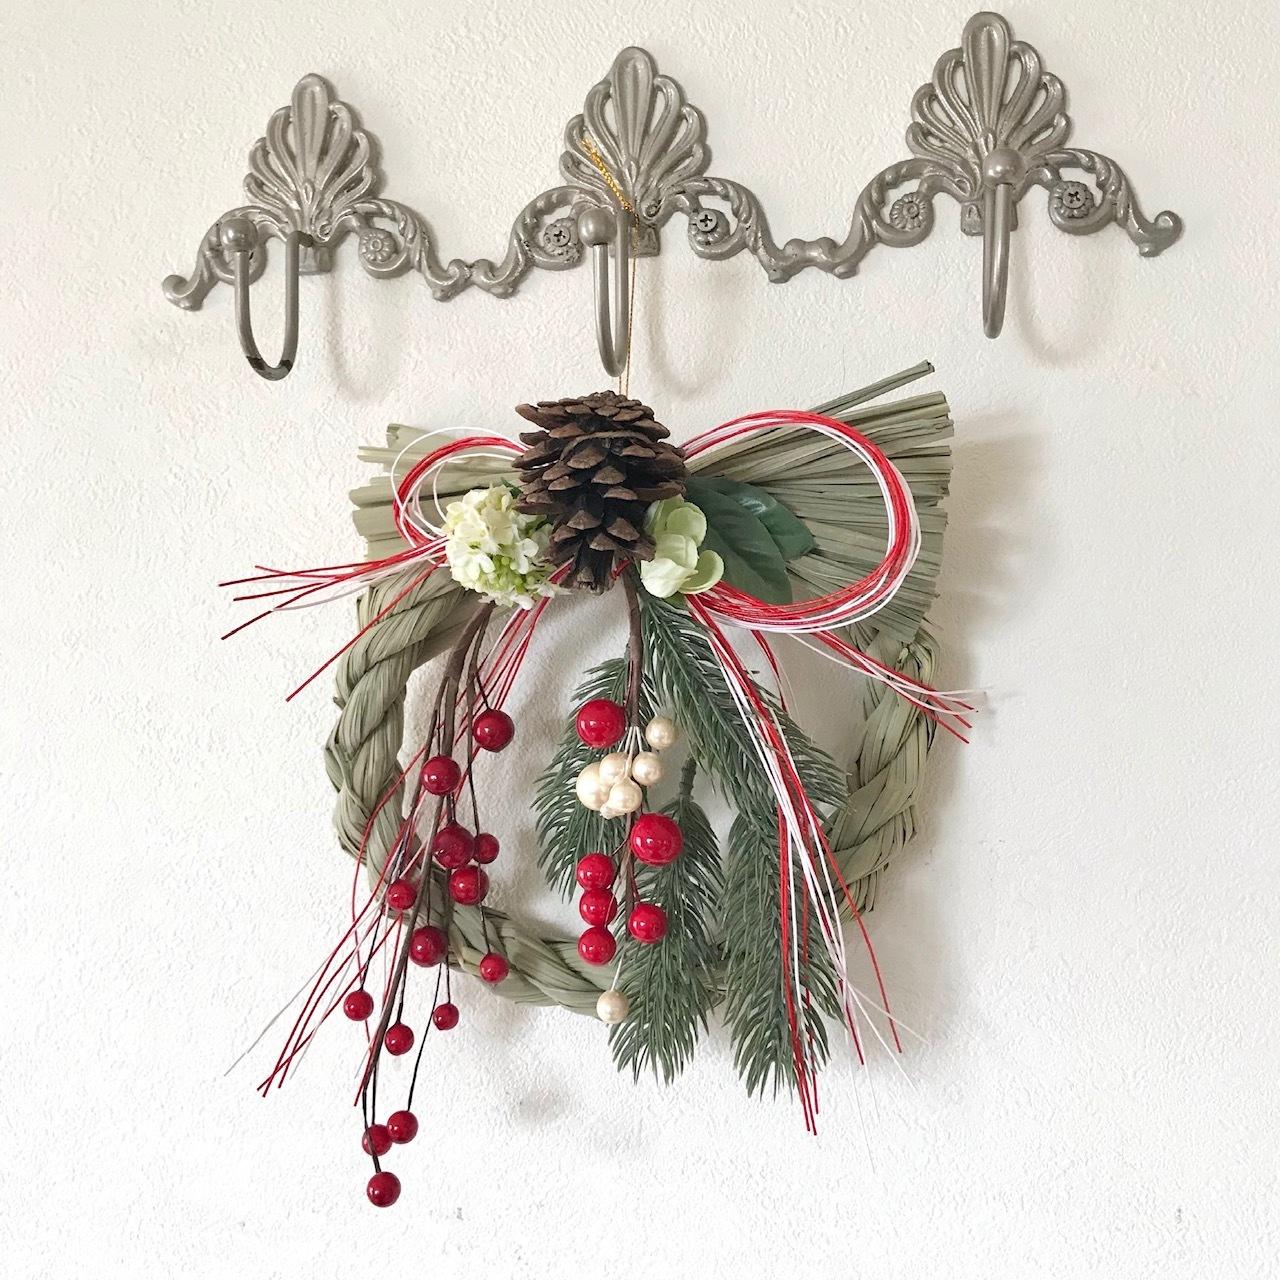 しめ縄飾り装飾例画像